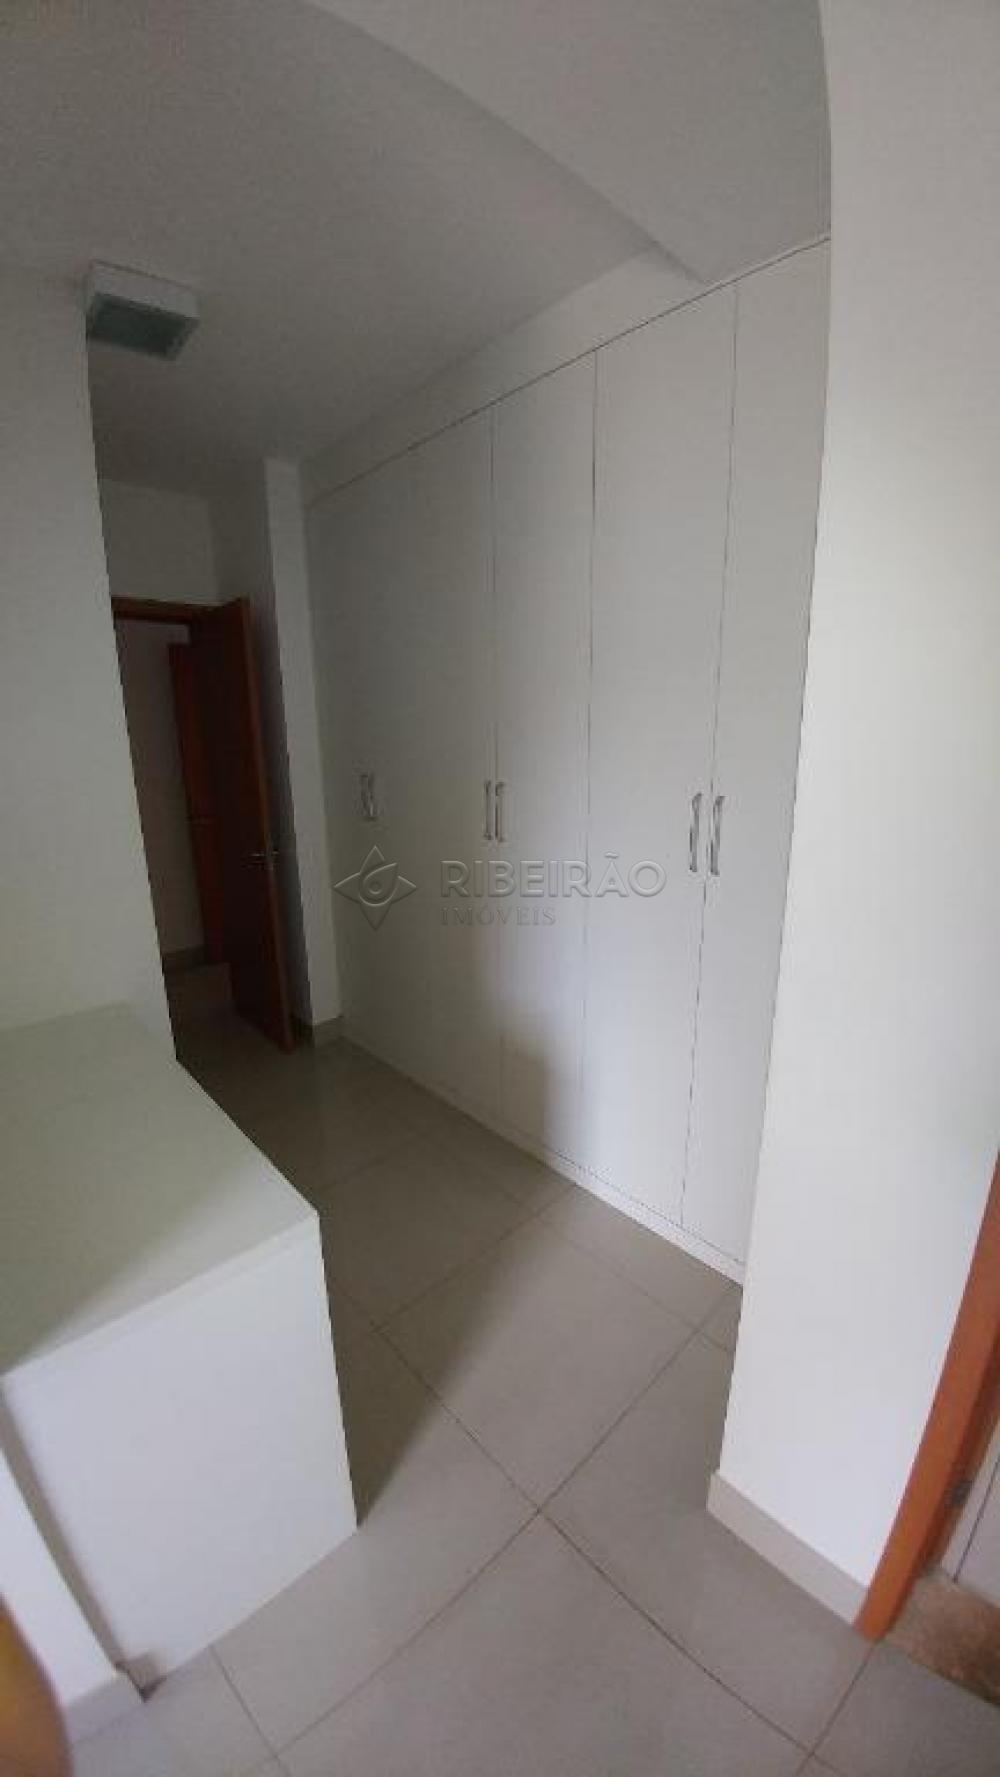 Ribeirao Preto Apartamento Venda R$900.000,00 Condominio R$700,00 3 Dormitorios 3 Suites Area construida 139.25m2